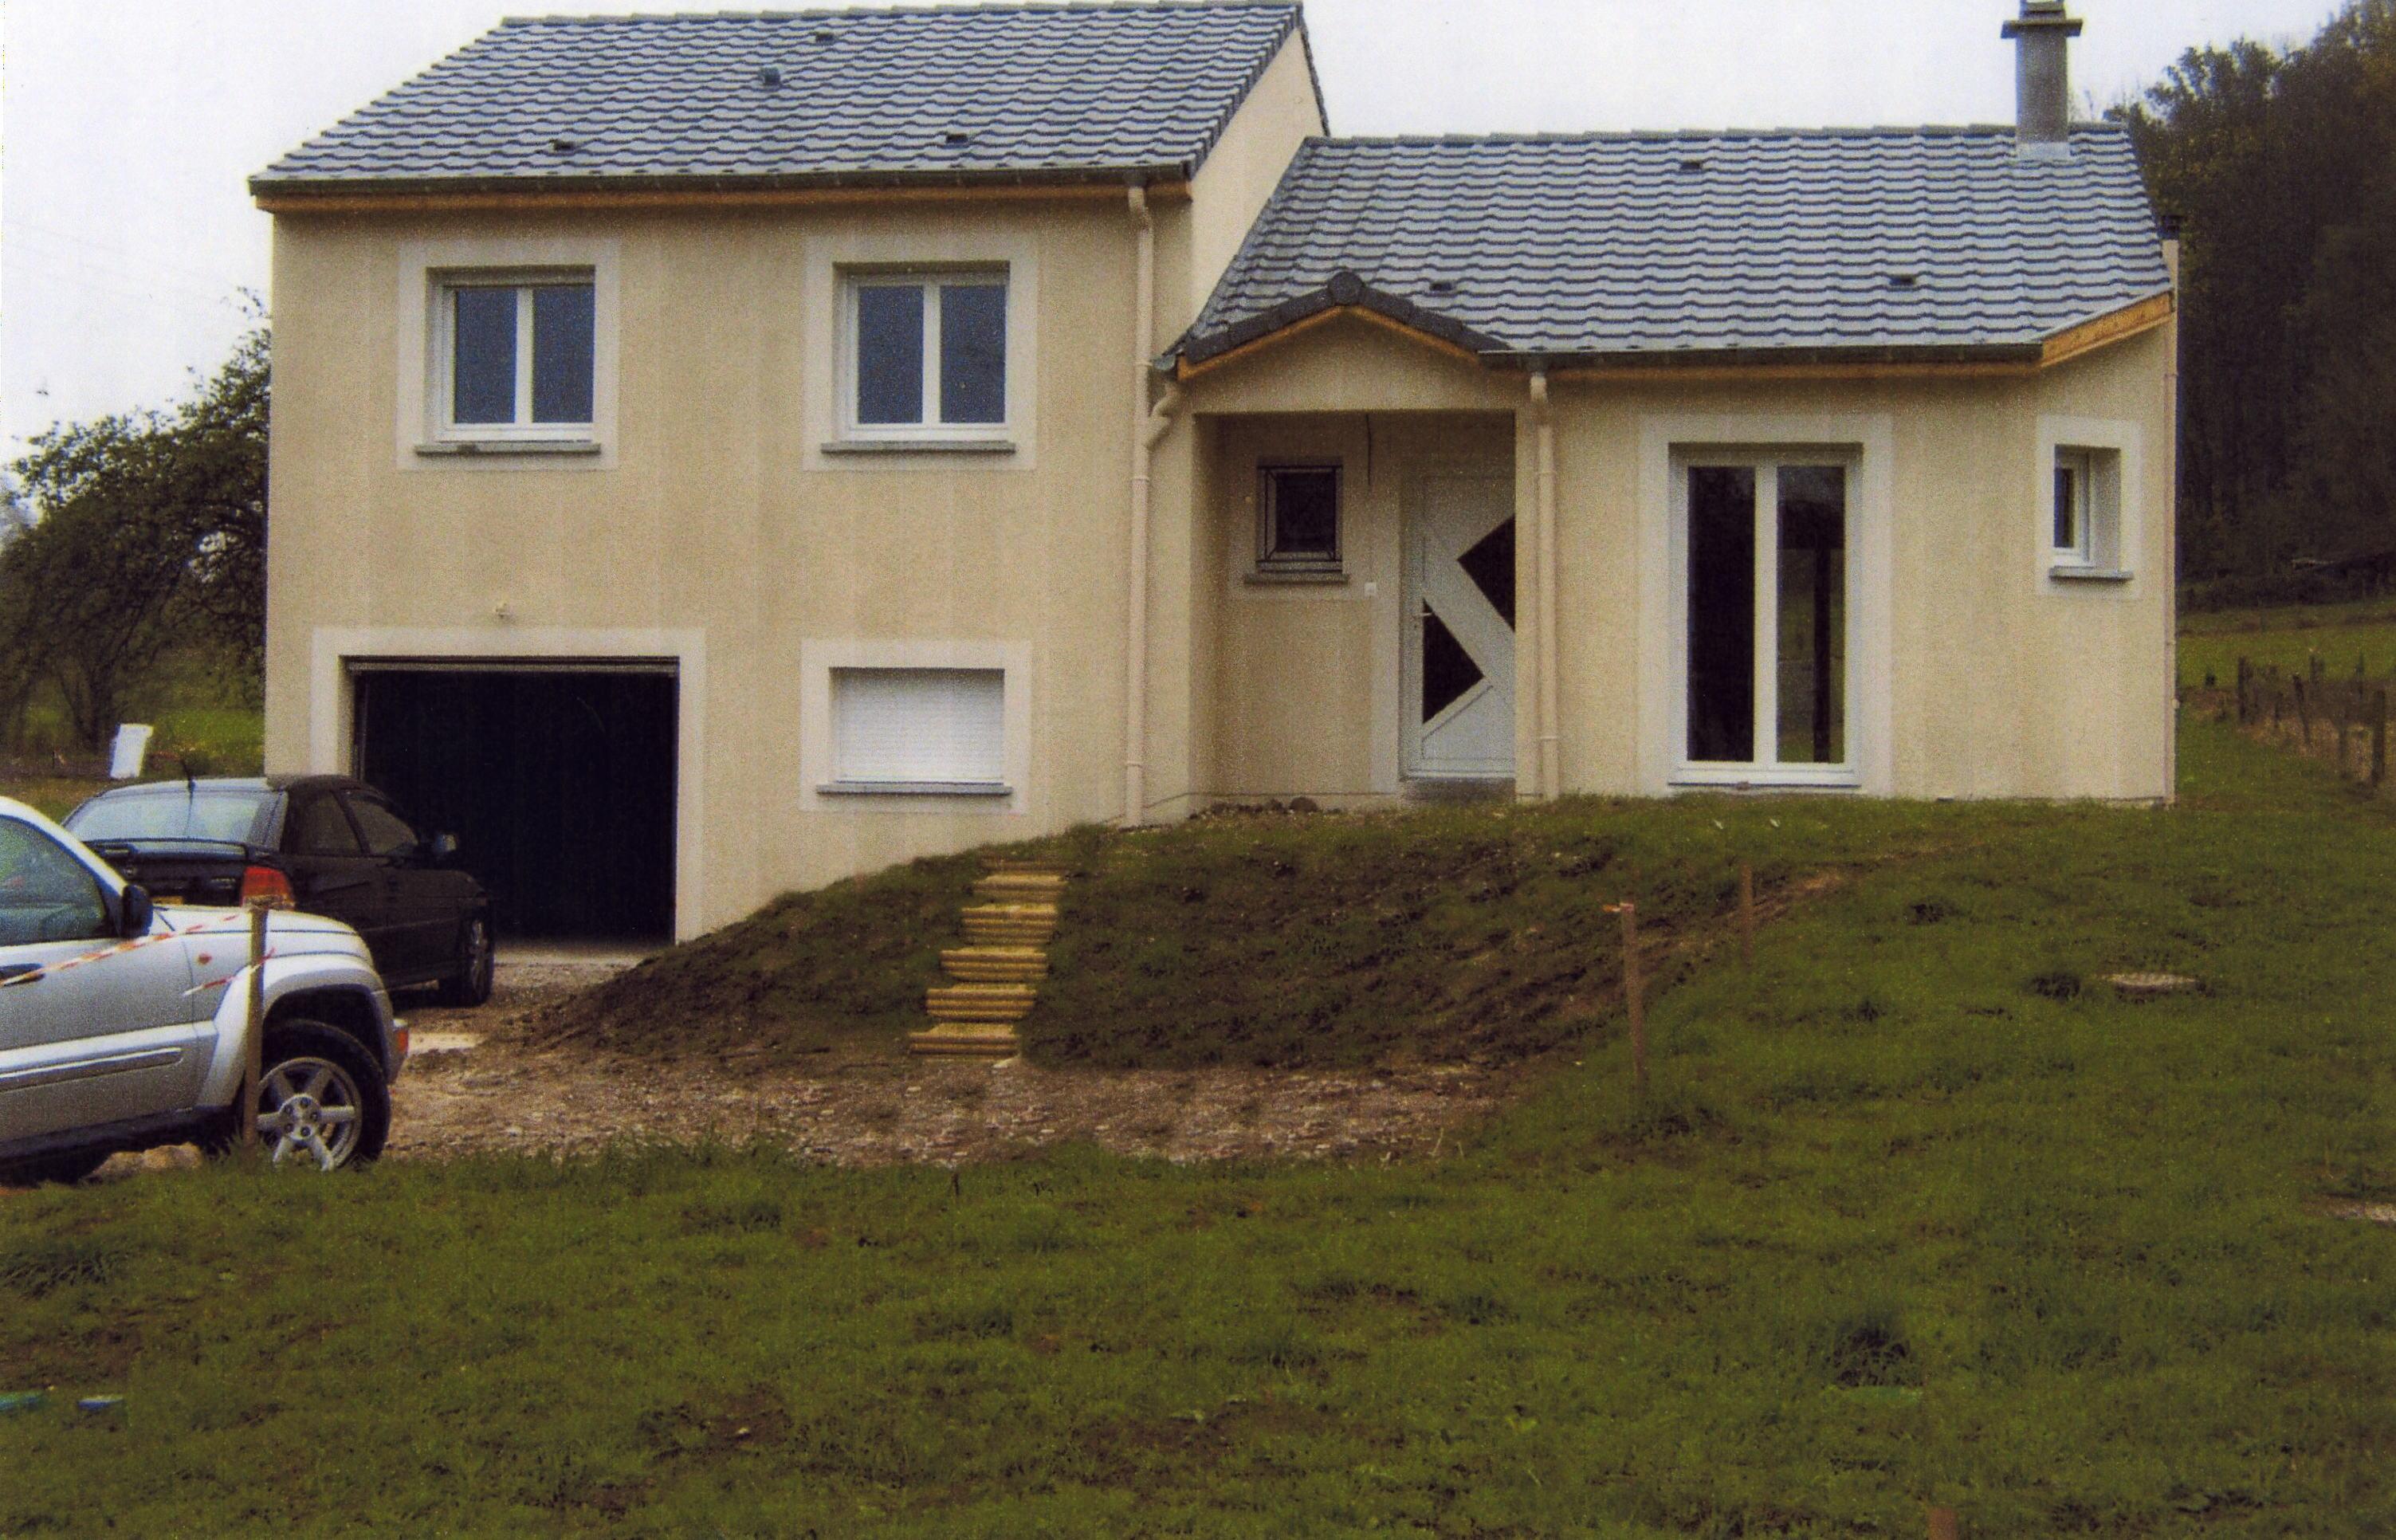 Modeles maisons demi niveau for Maison demi niveau plan